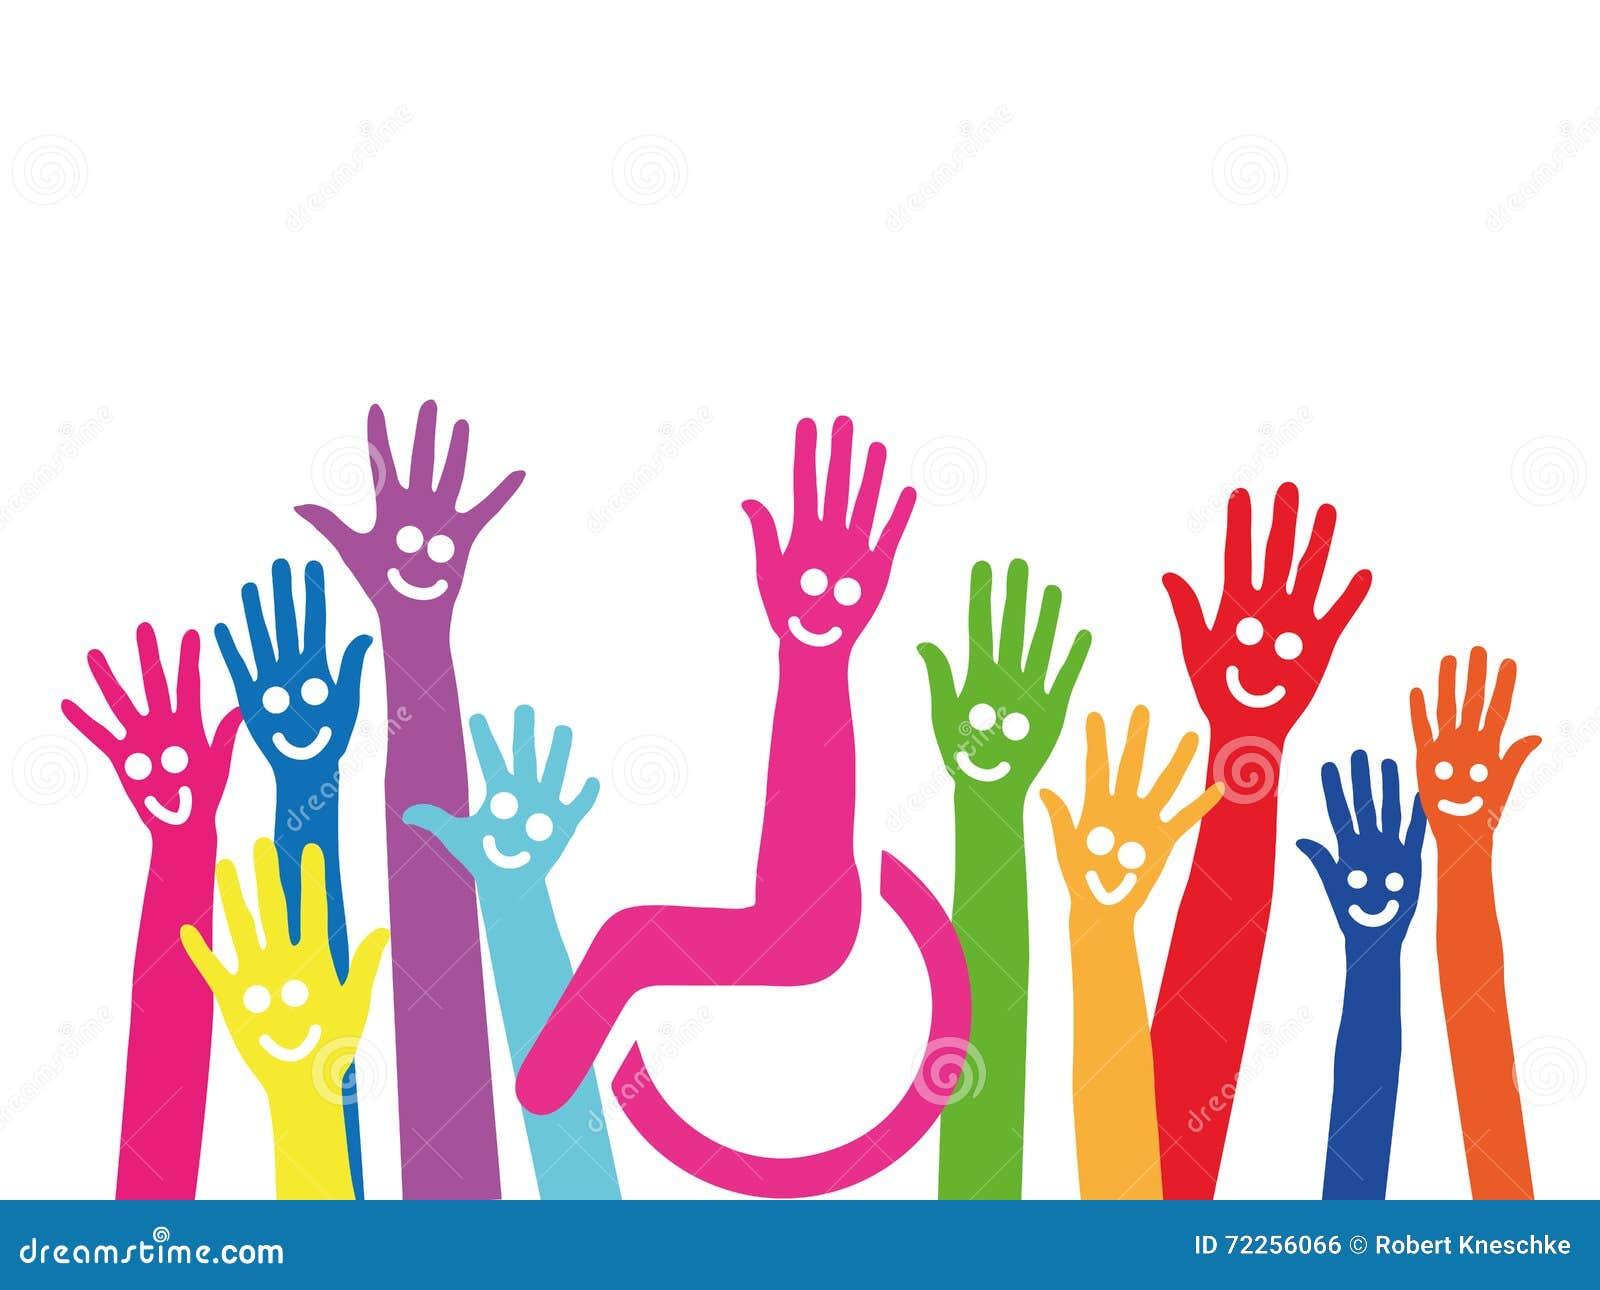 Handen als symbool van opneming en integratie